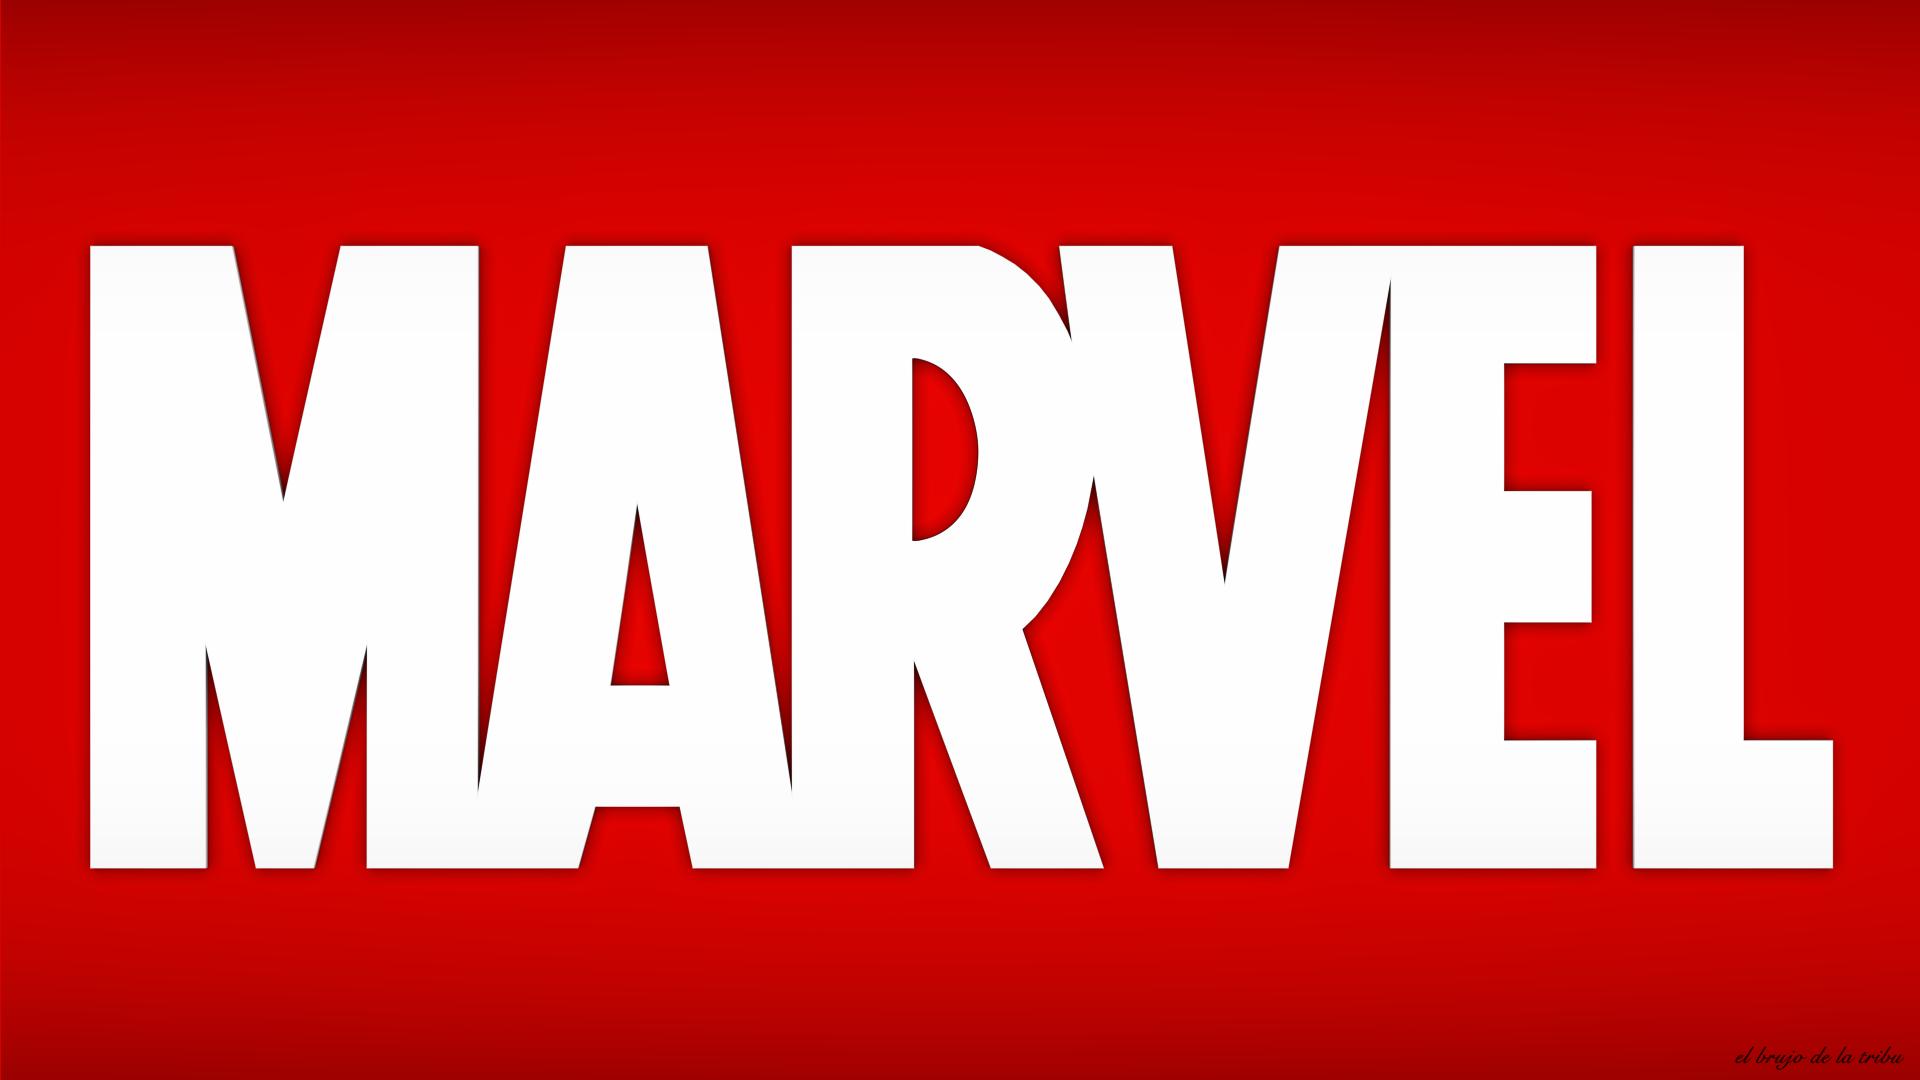 marvel logo wallpaper 1920x1080 -#main